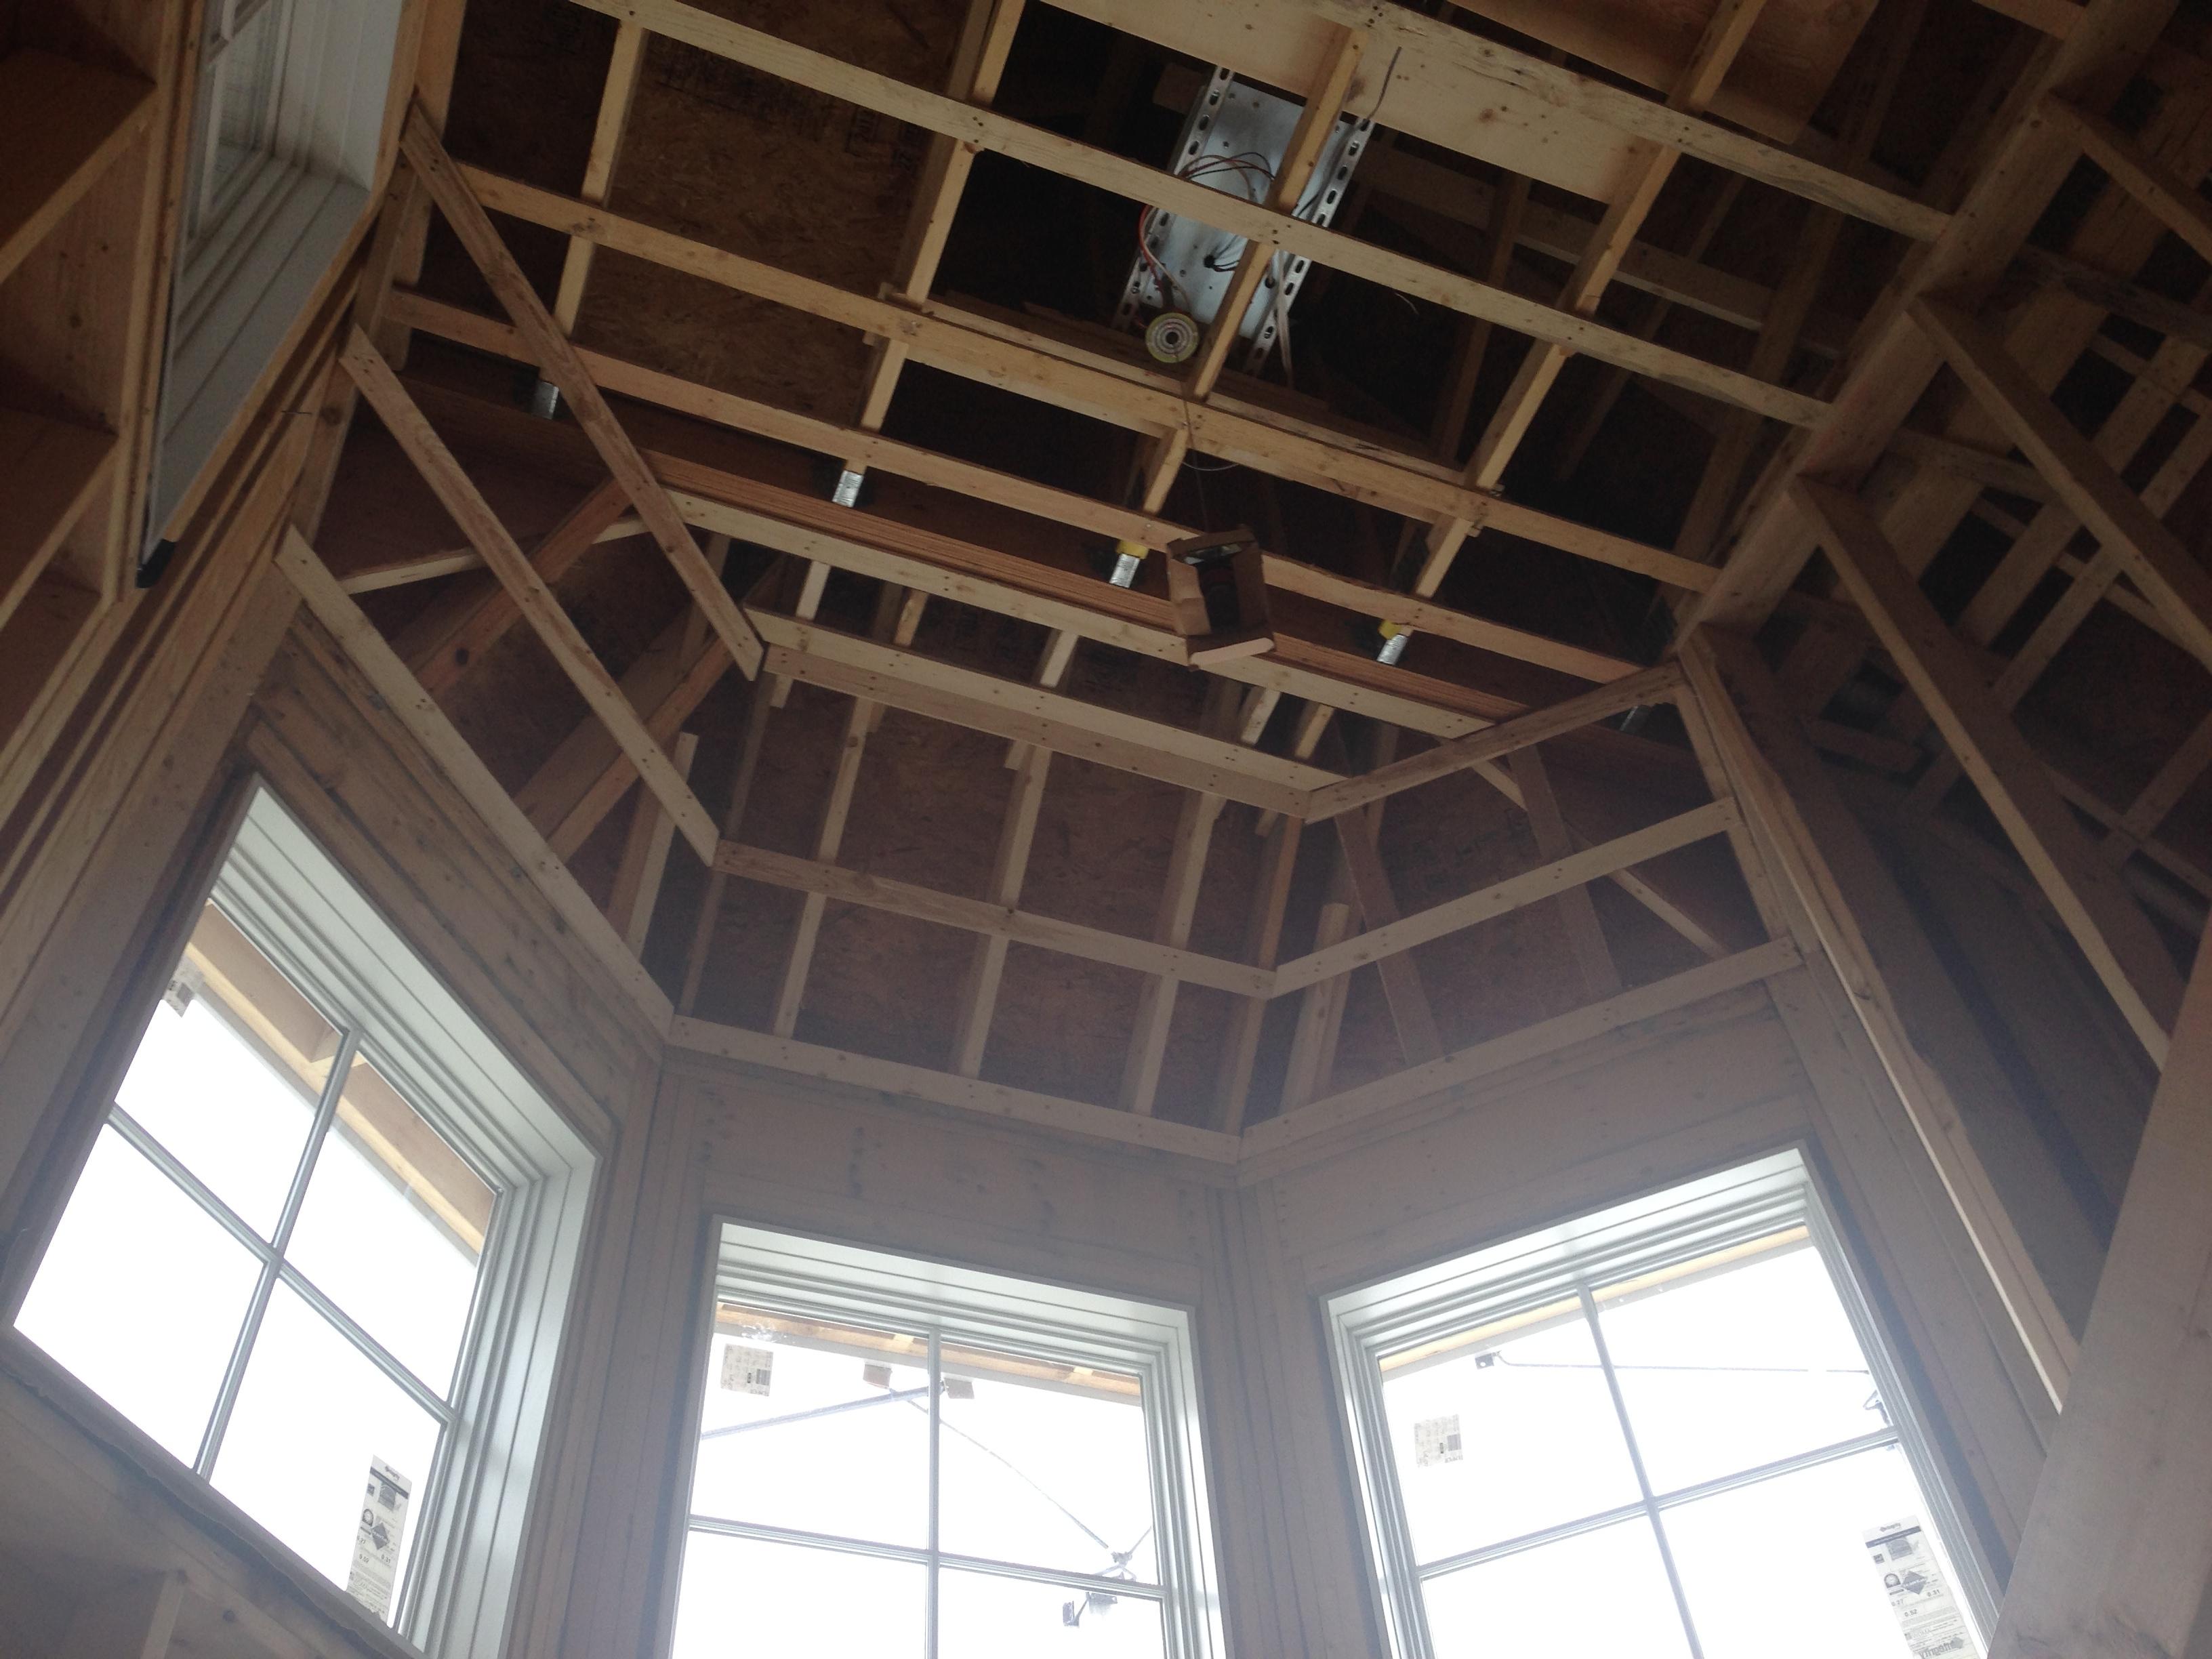 Chandelier lift cornys corner chandelier lift mozeypictures Gallery